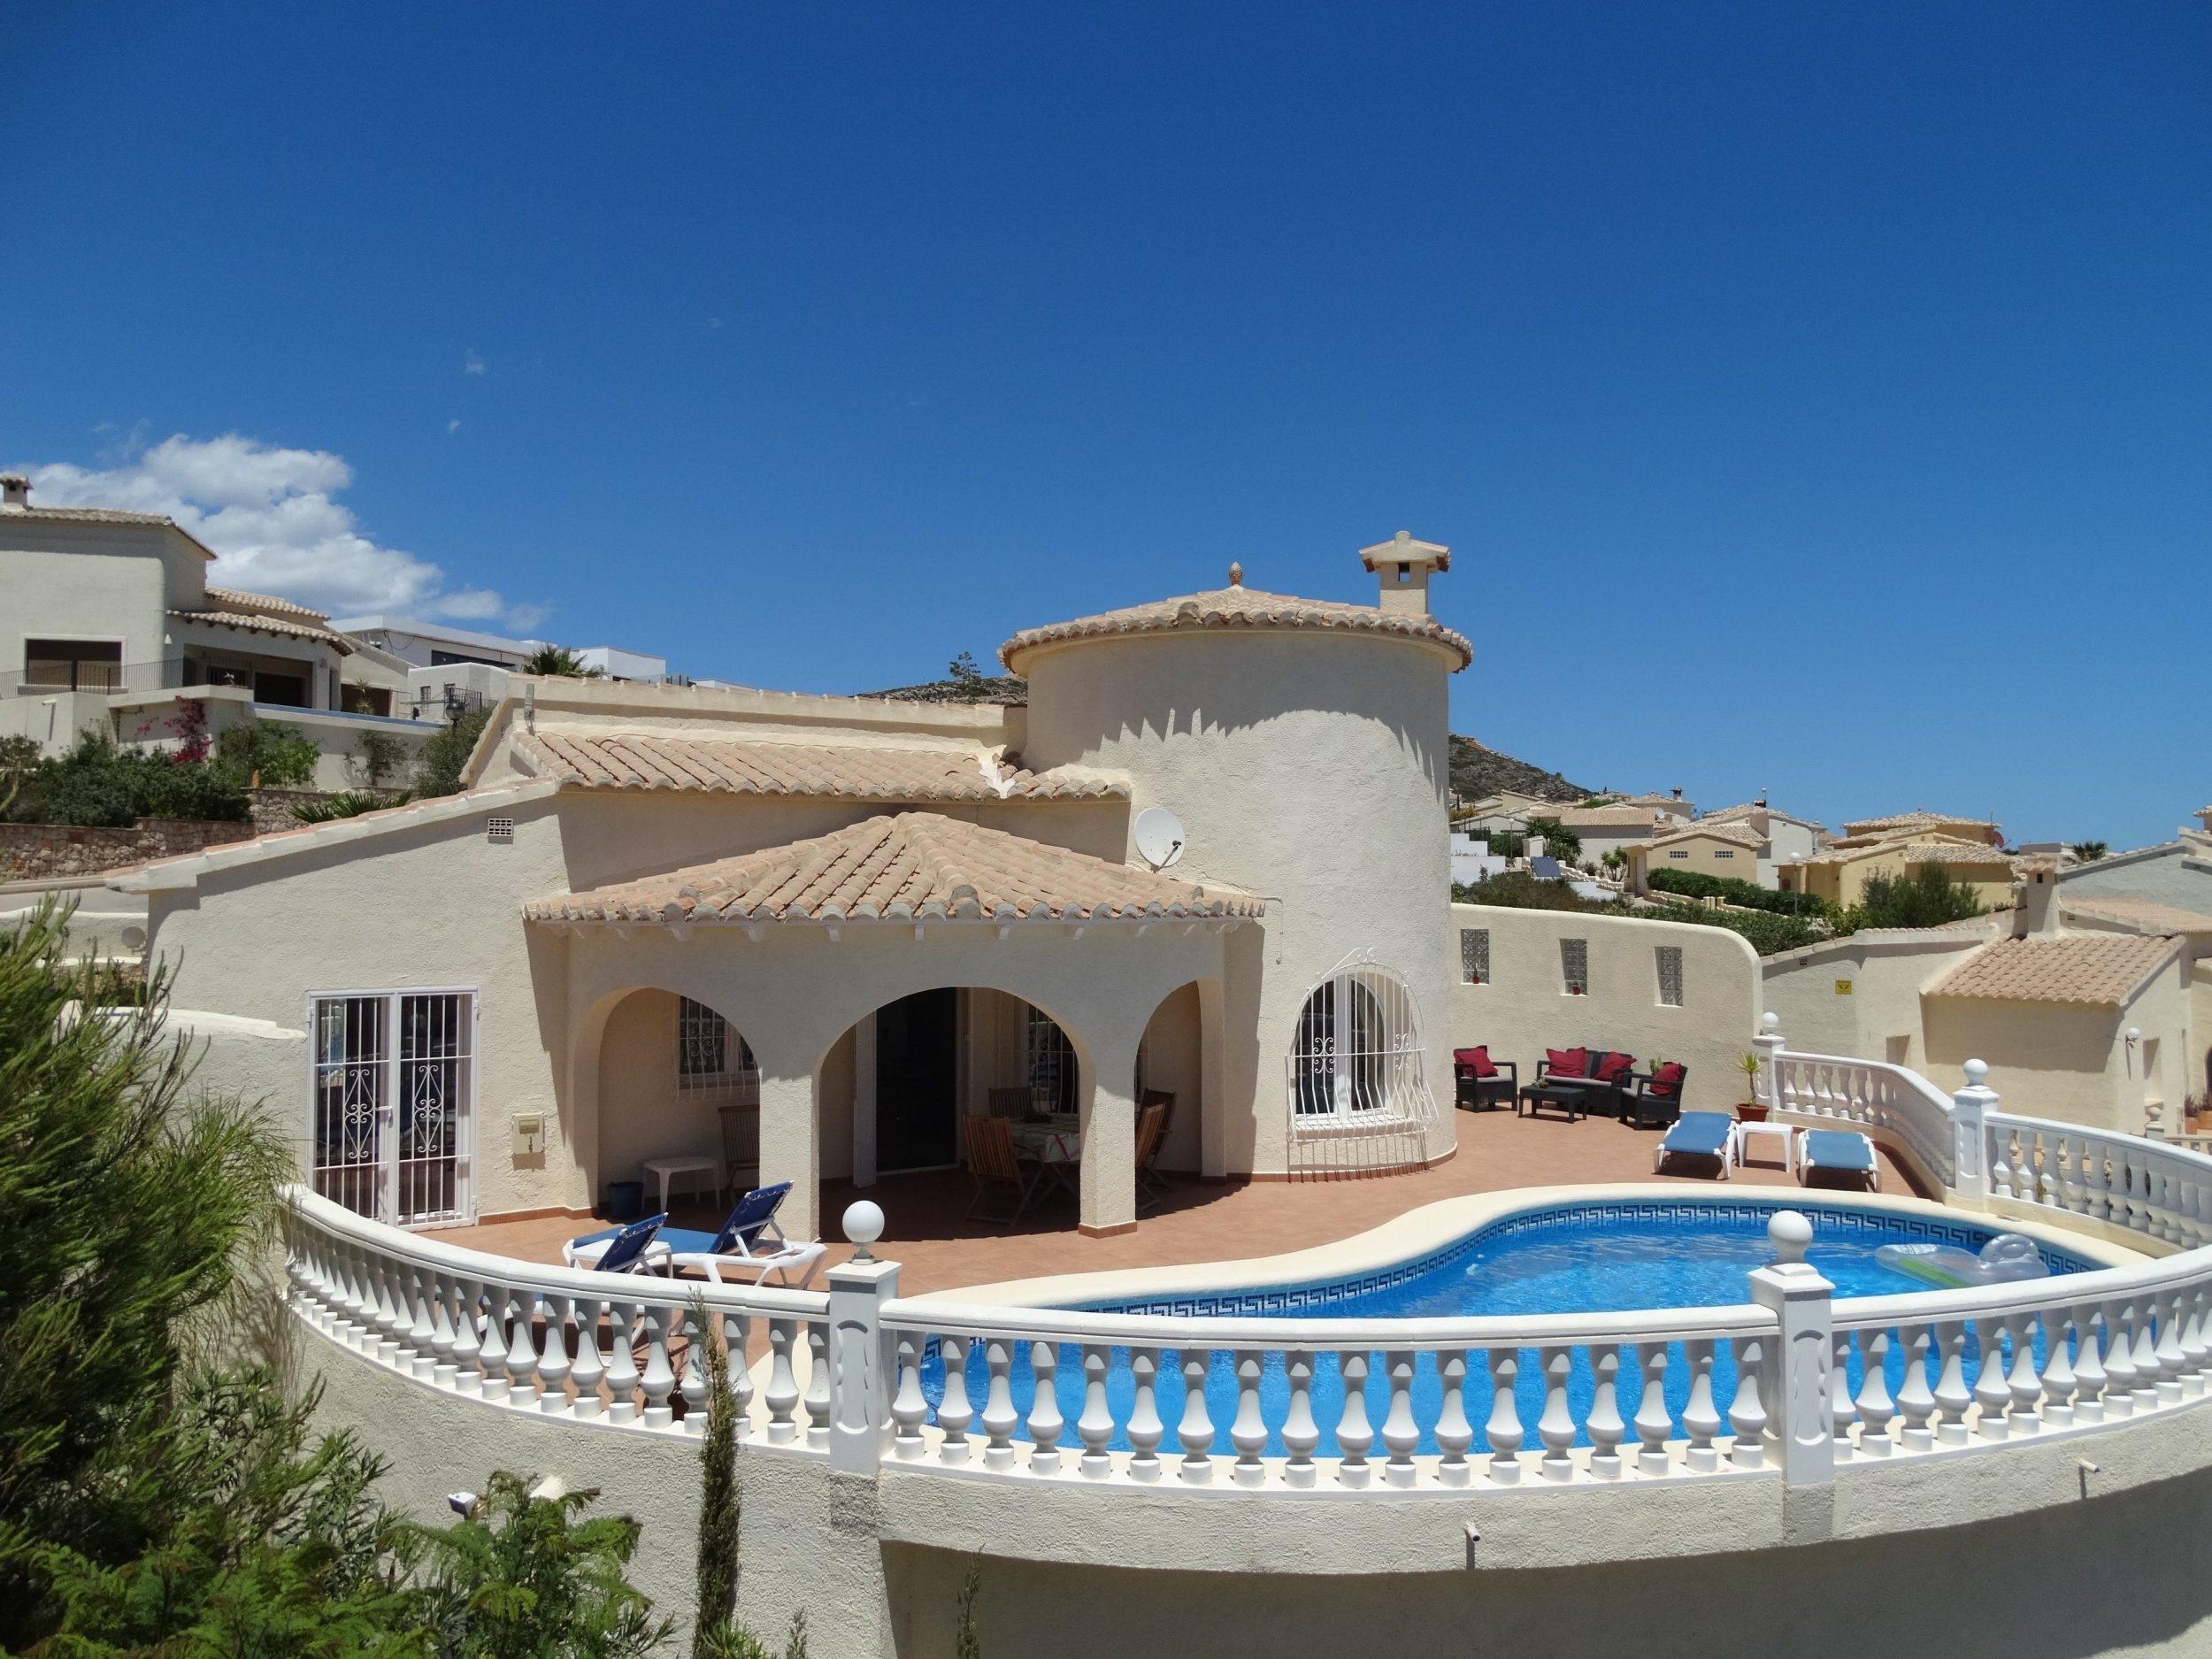 Casa jobasol luxe villa met prive zwembad en zeezicht for Luxe villa met zwembad